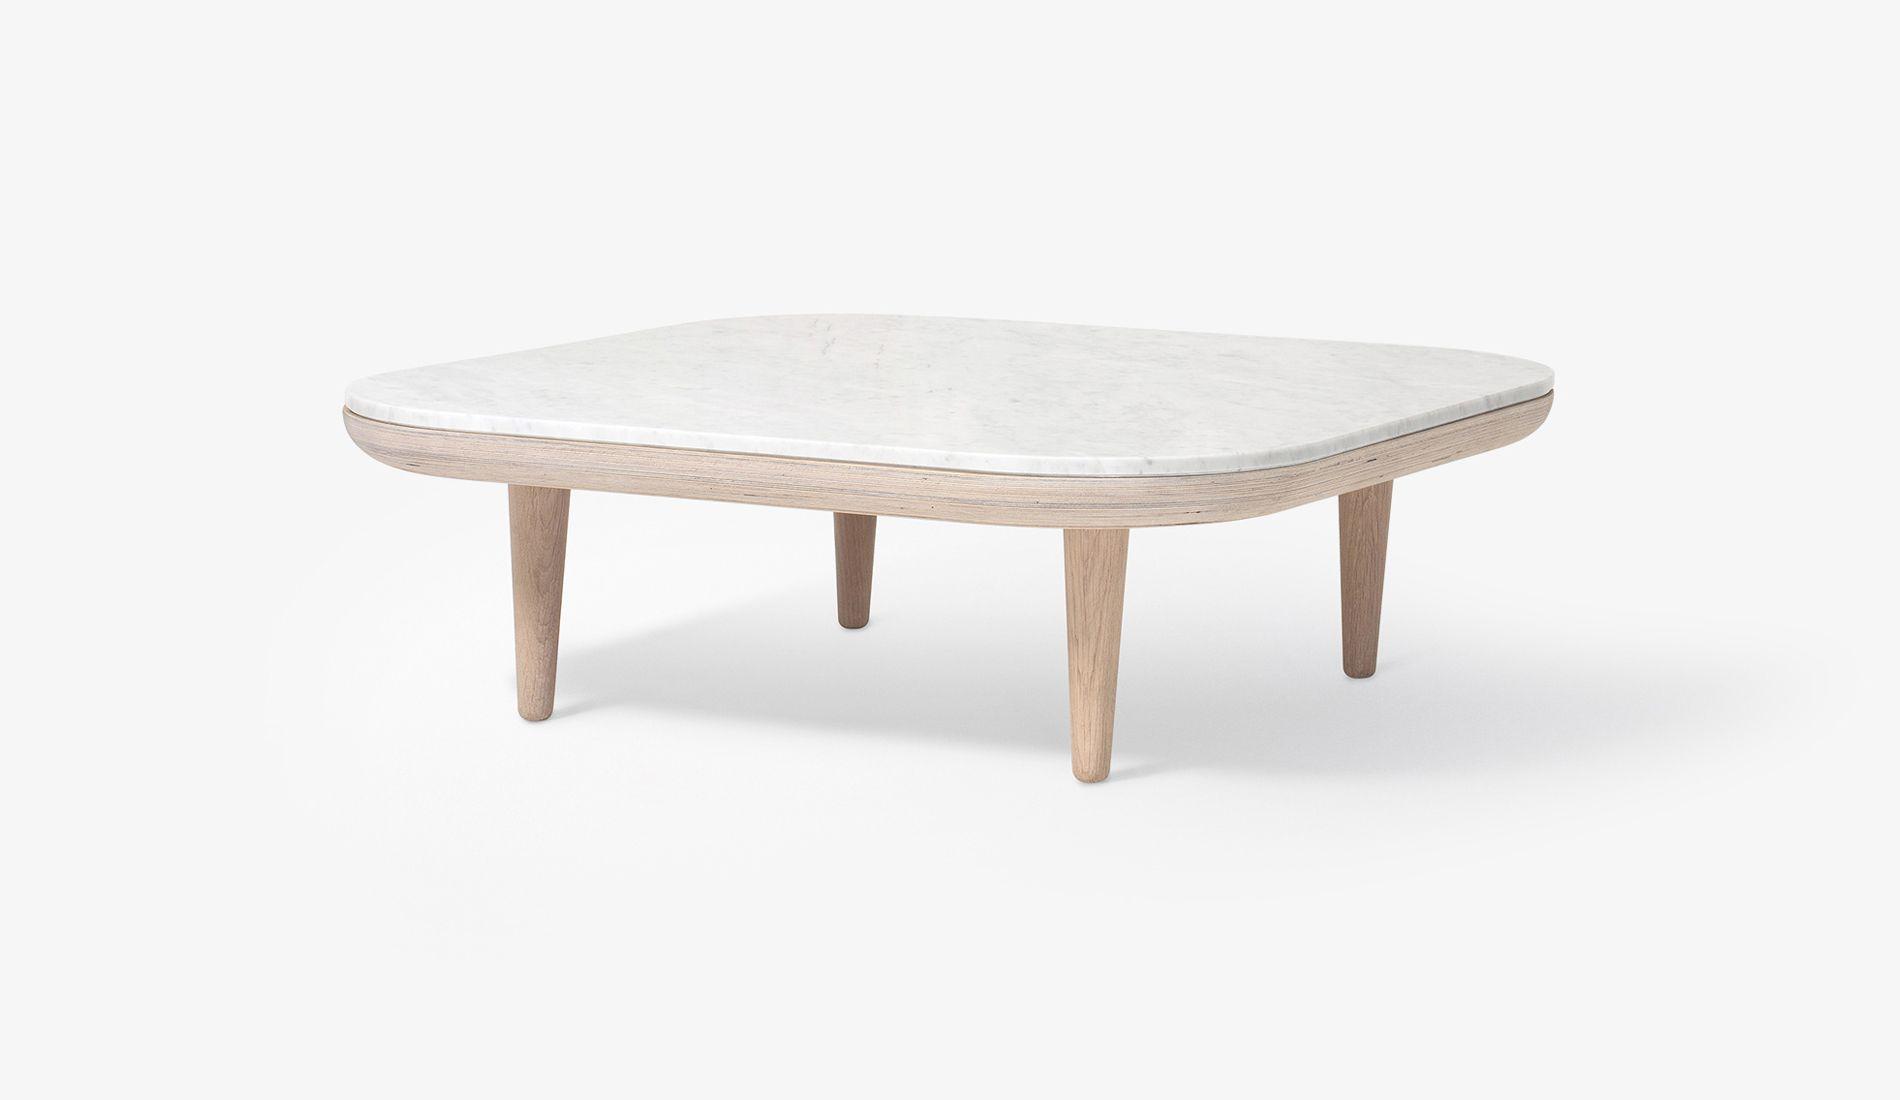 Meilleur De De Table Marbre Ampm Concept